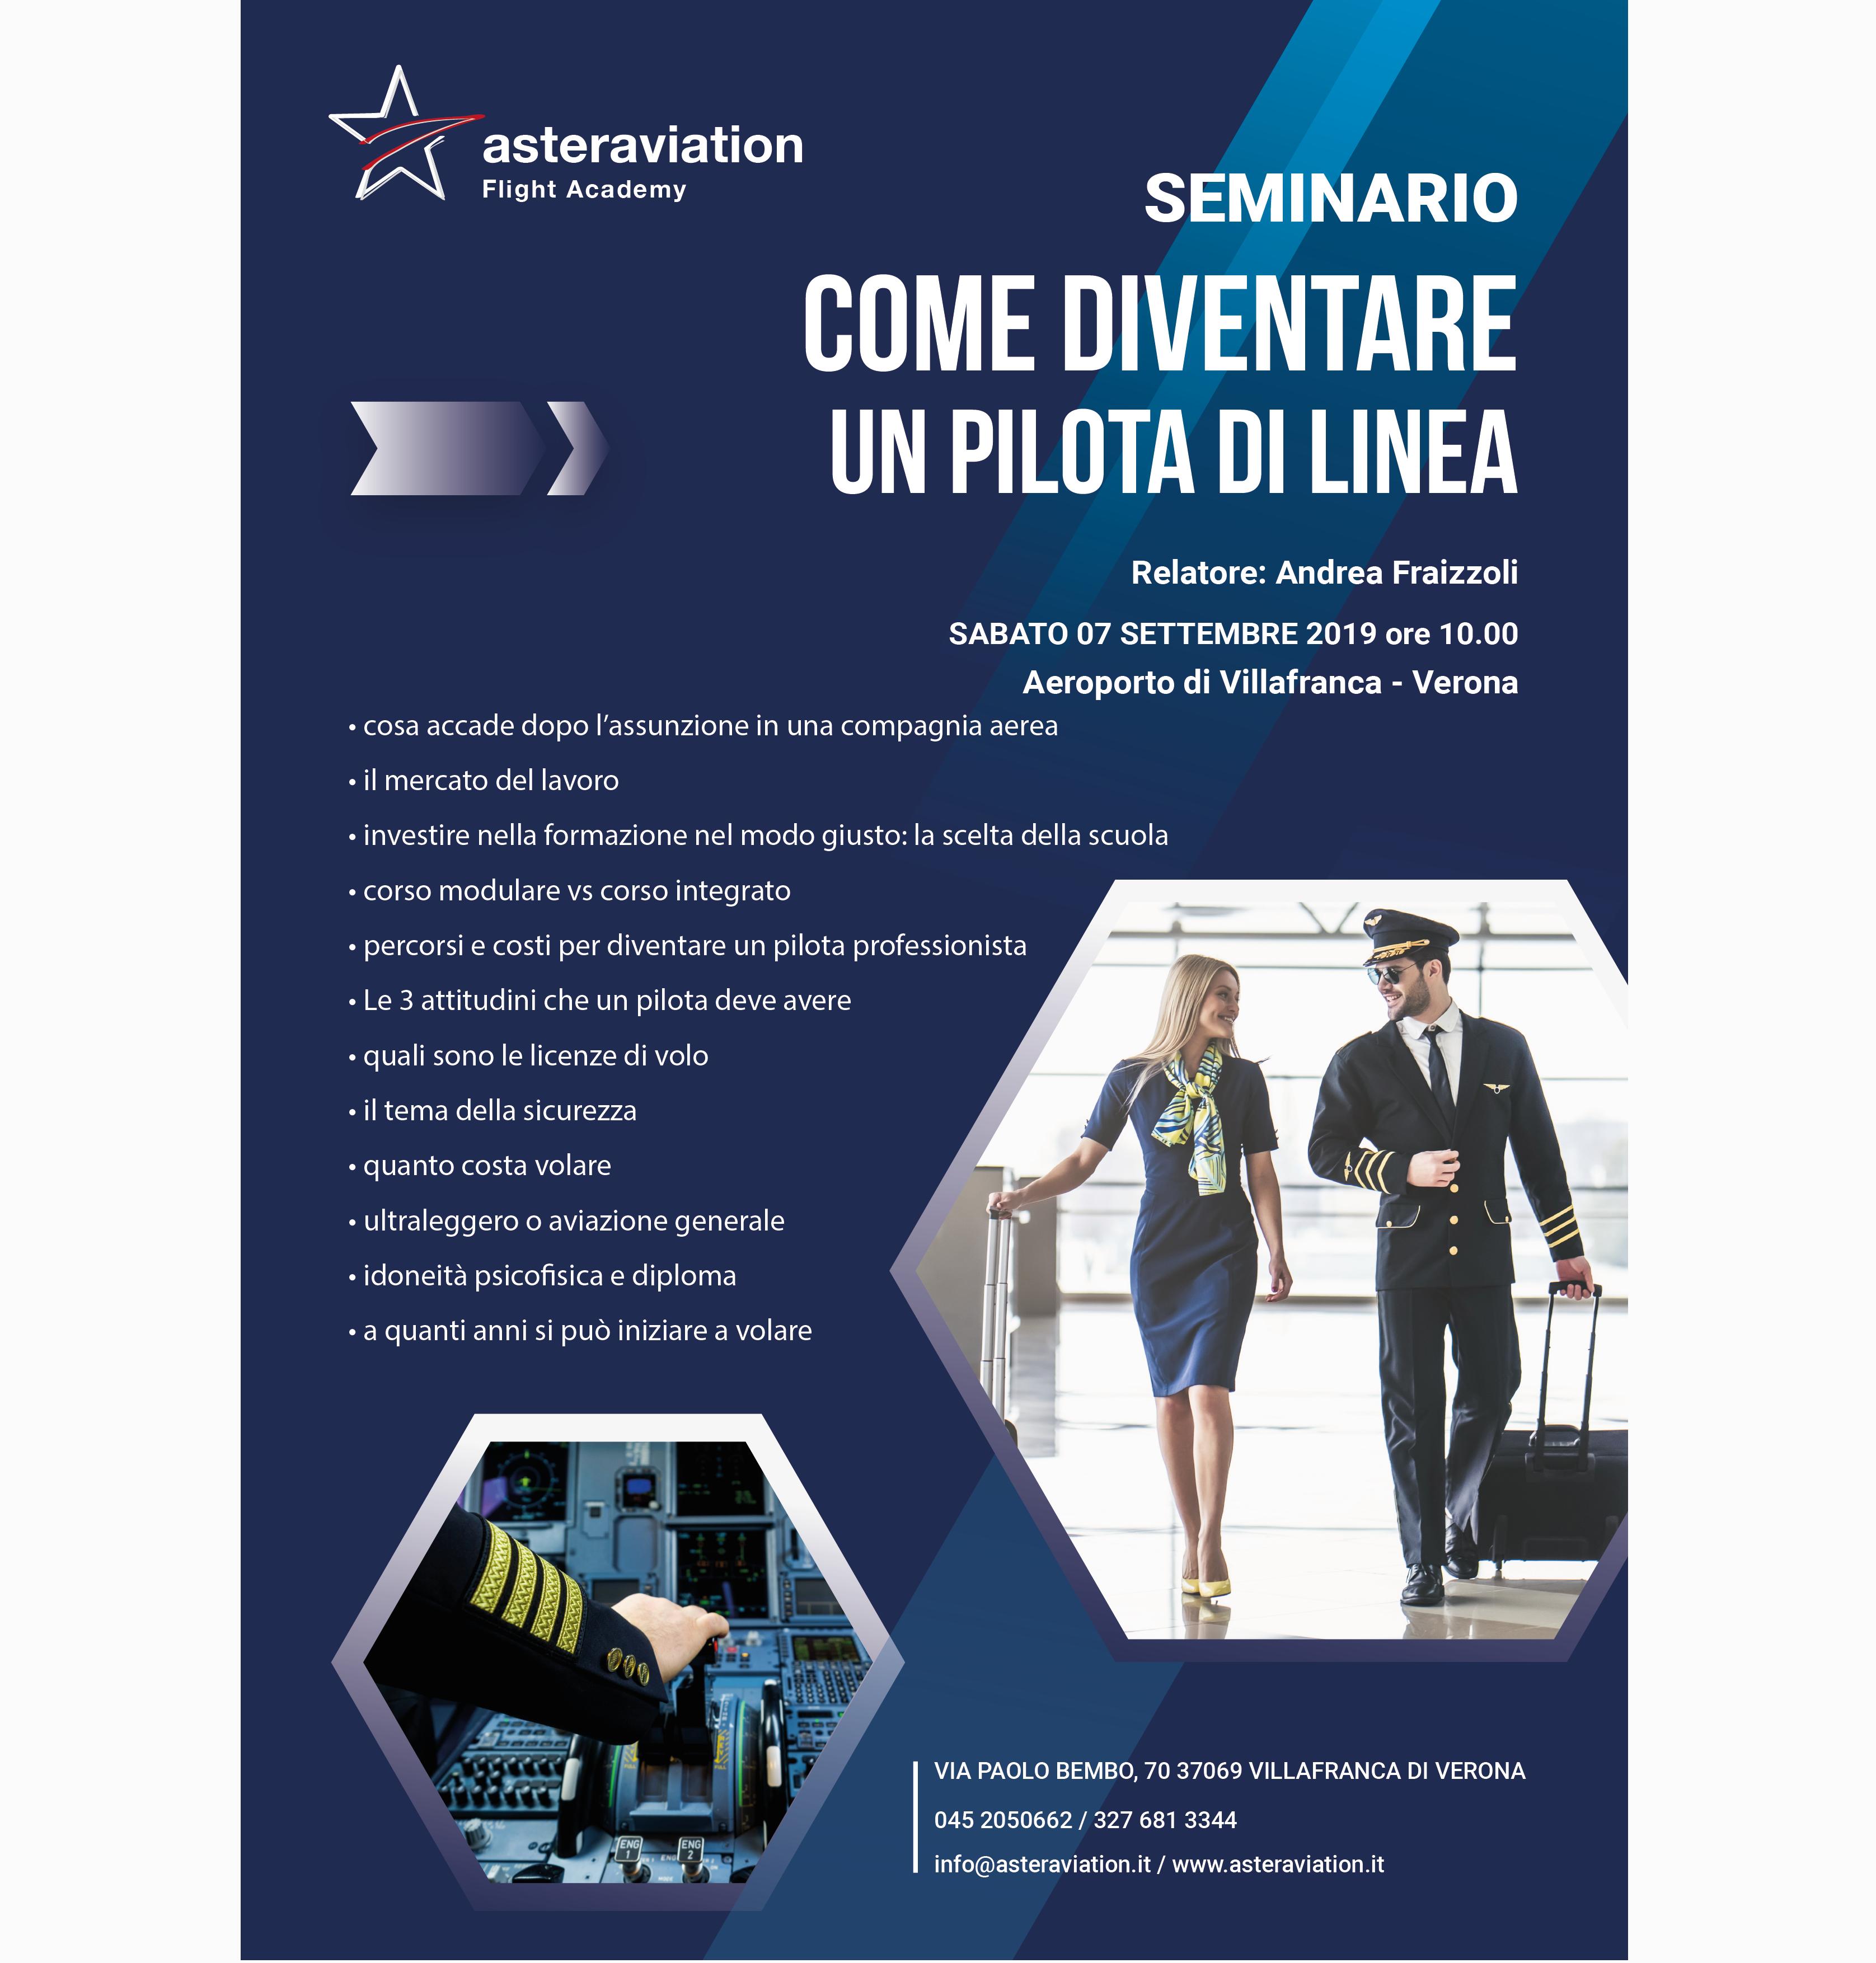 Diventa pilota di linea il seminario organizzato da Asteraviation